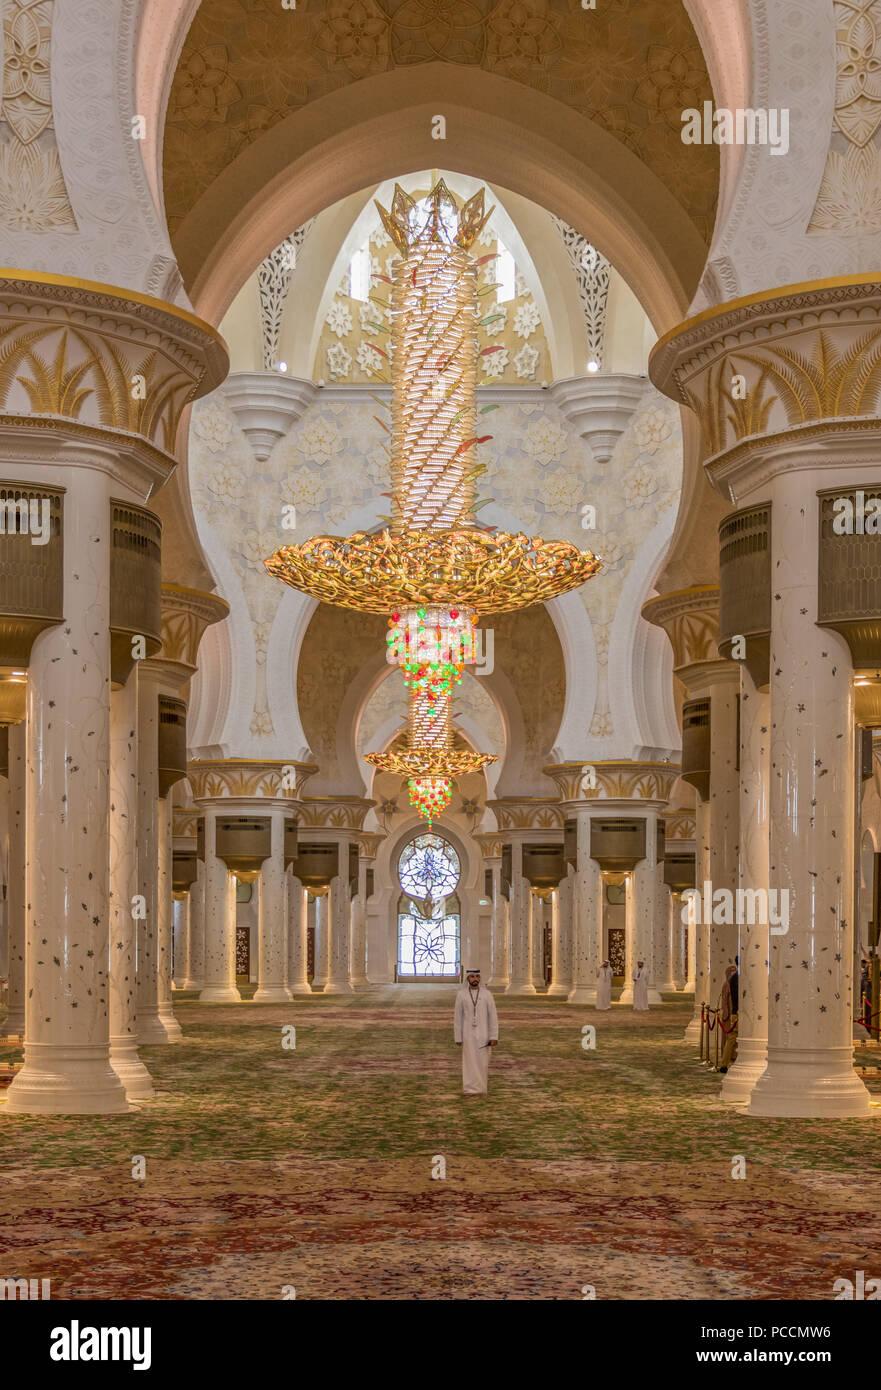 Abu Dhabi - der Sheikh Zayed Moschee ist das bekannteste Wahrzeichen in Abu Dabhi. Hier insbesondere einen Einblick in ihre wunderbare Architektur Stockbild